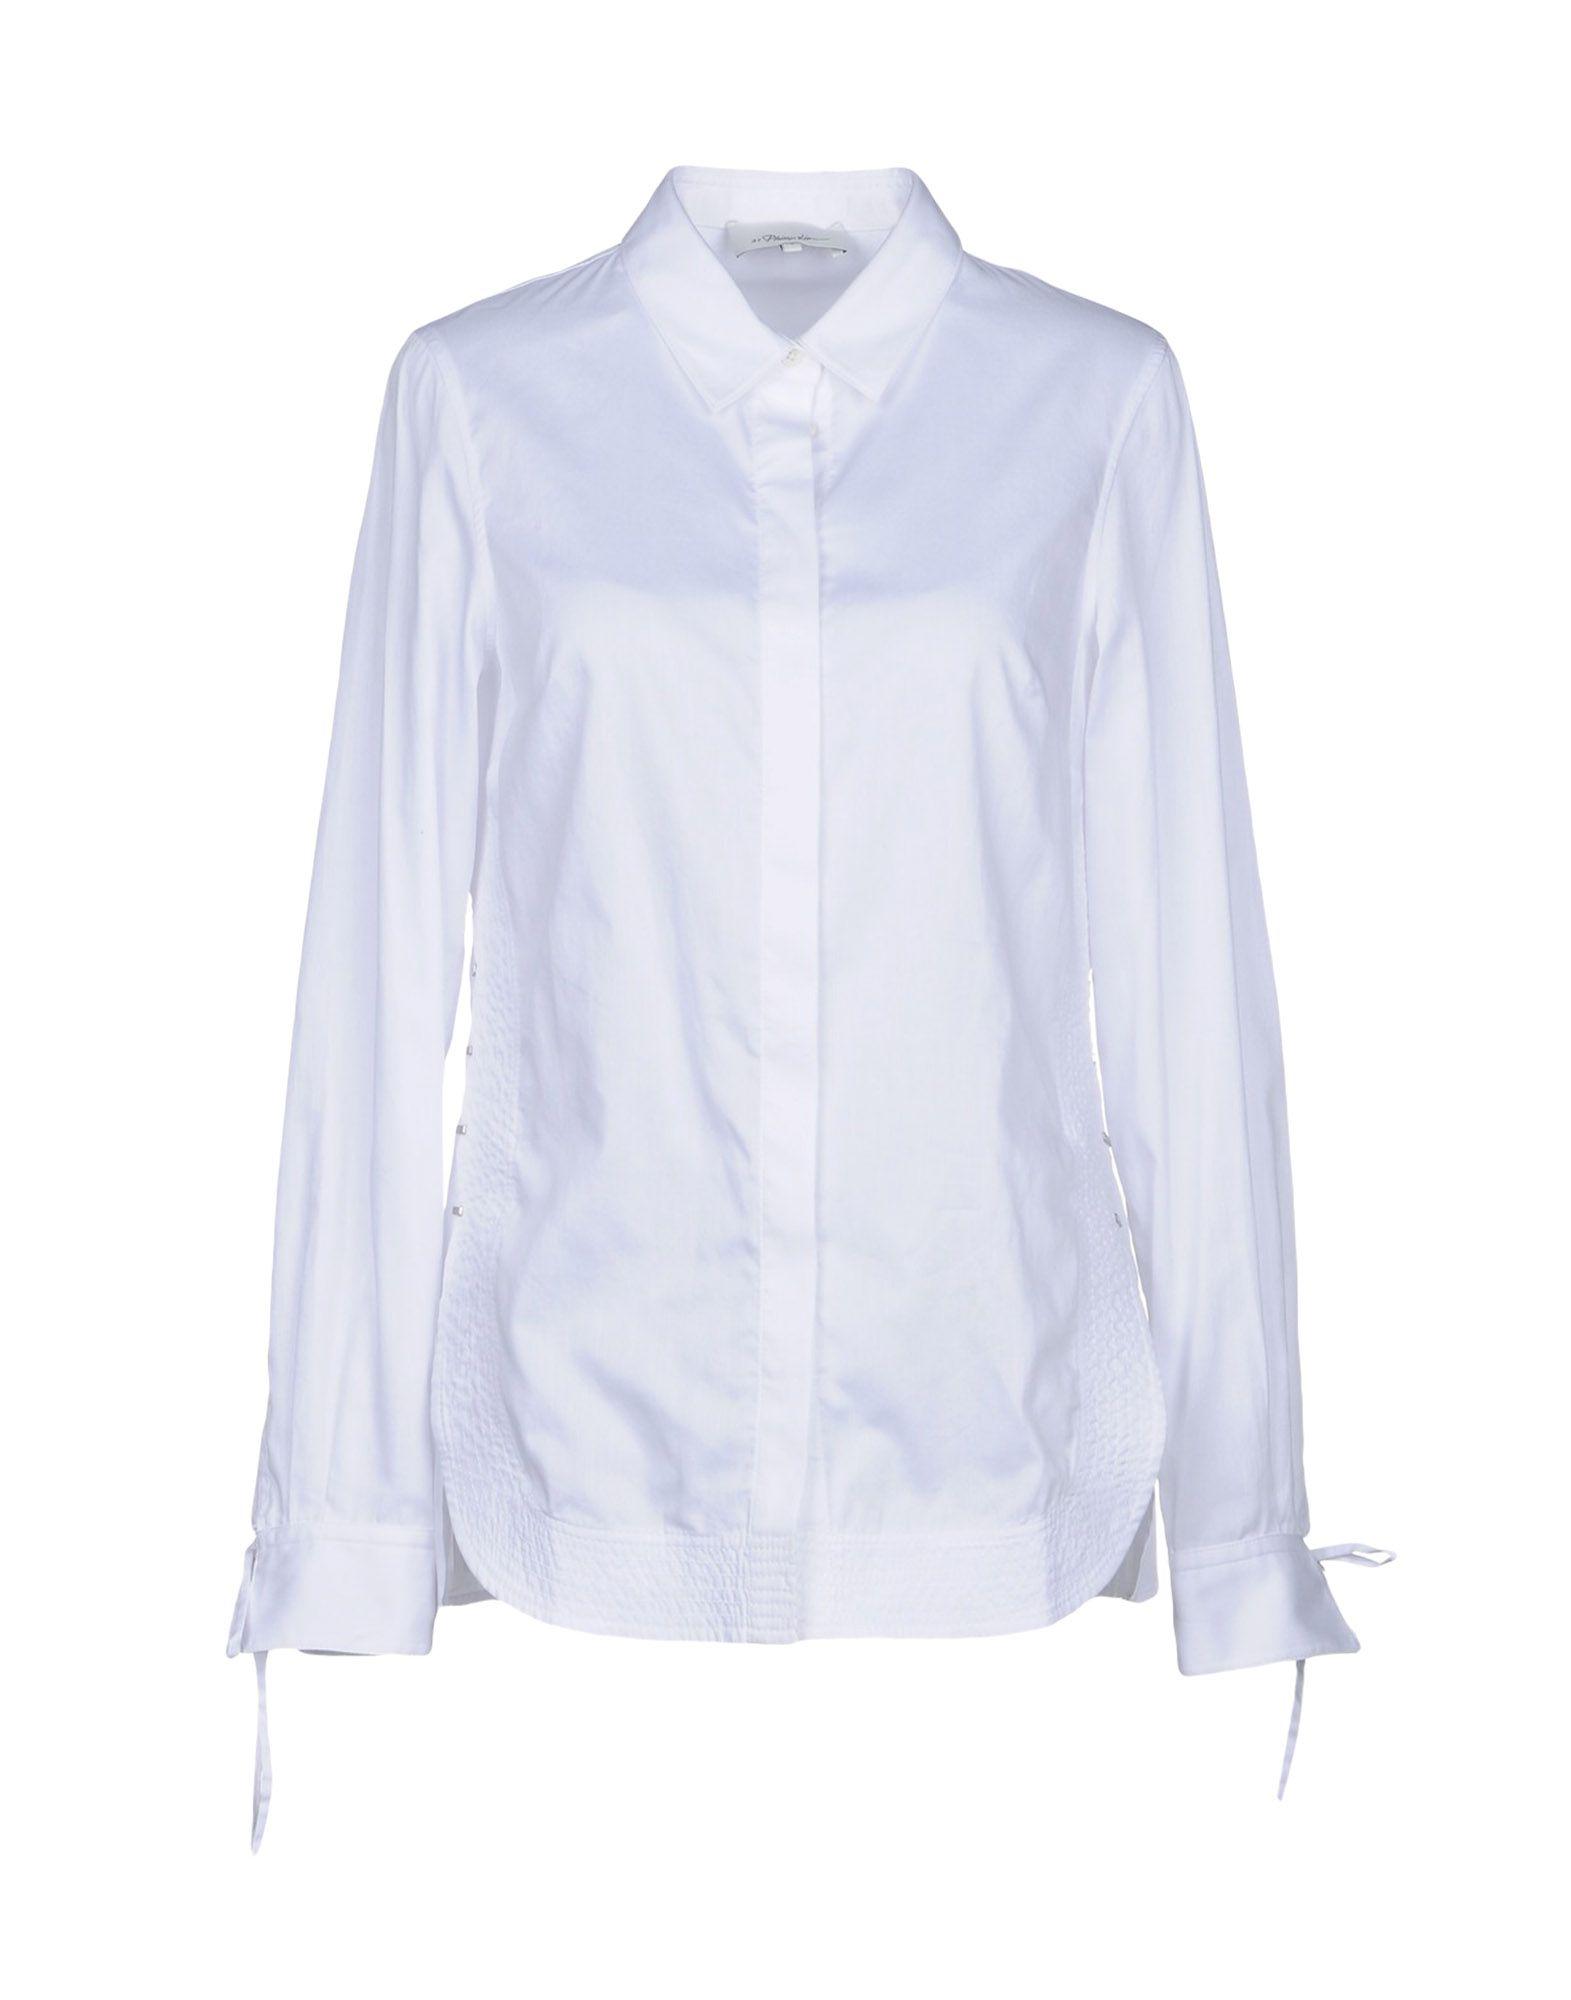 Camicie E Bluse Tinta Unita 3.1 Phillip Lim Donna - Acquista online su RqniKED